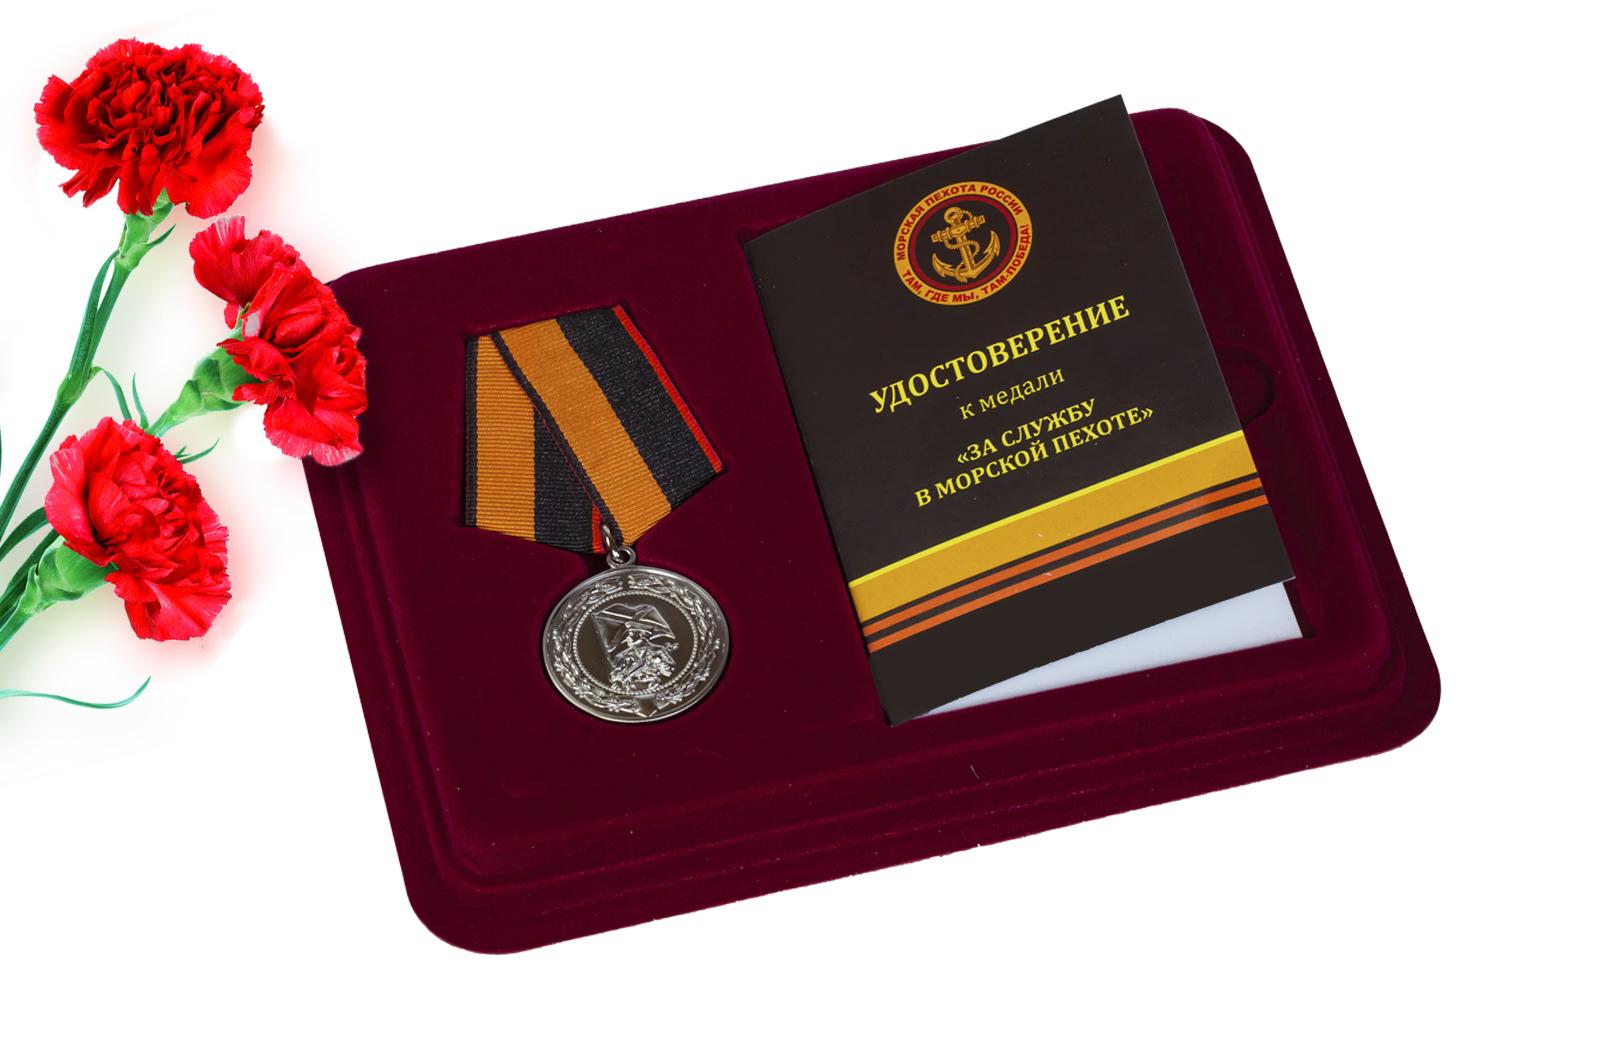 Купить медаль За службу в морской пехоте МО РФ по экономичной цене